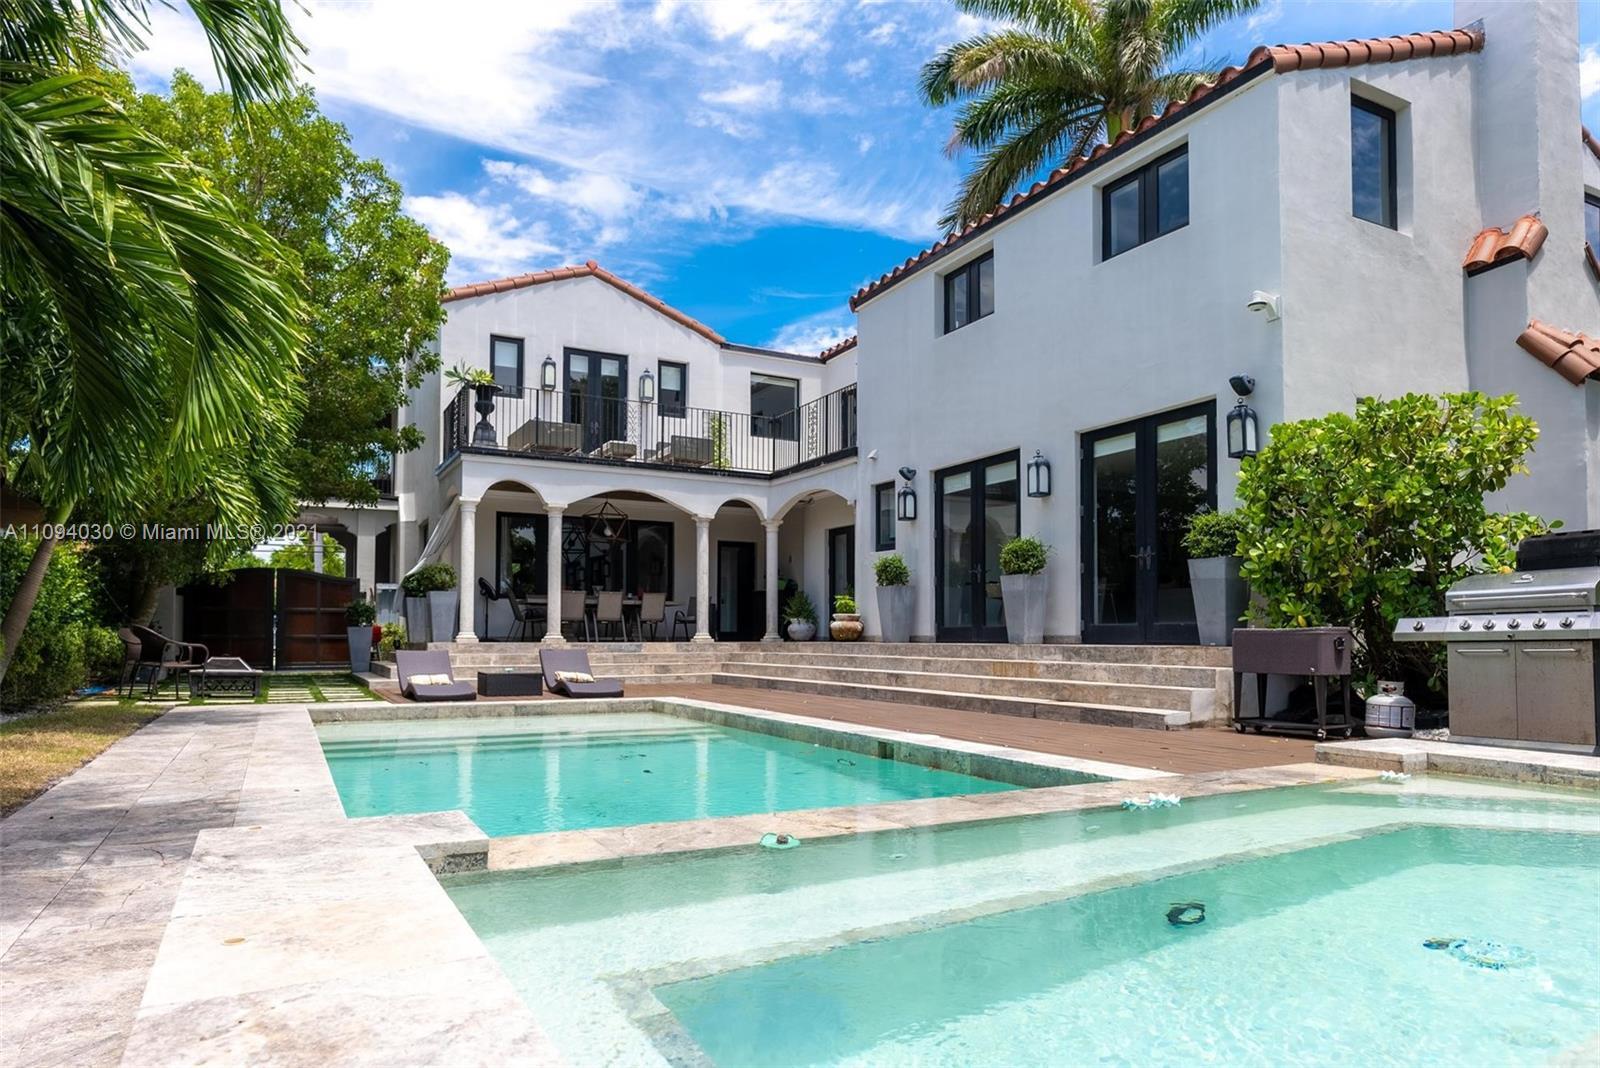 4315 Meridian Ave, Miami Beach, Florida 33140